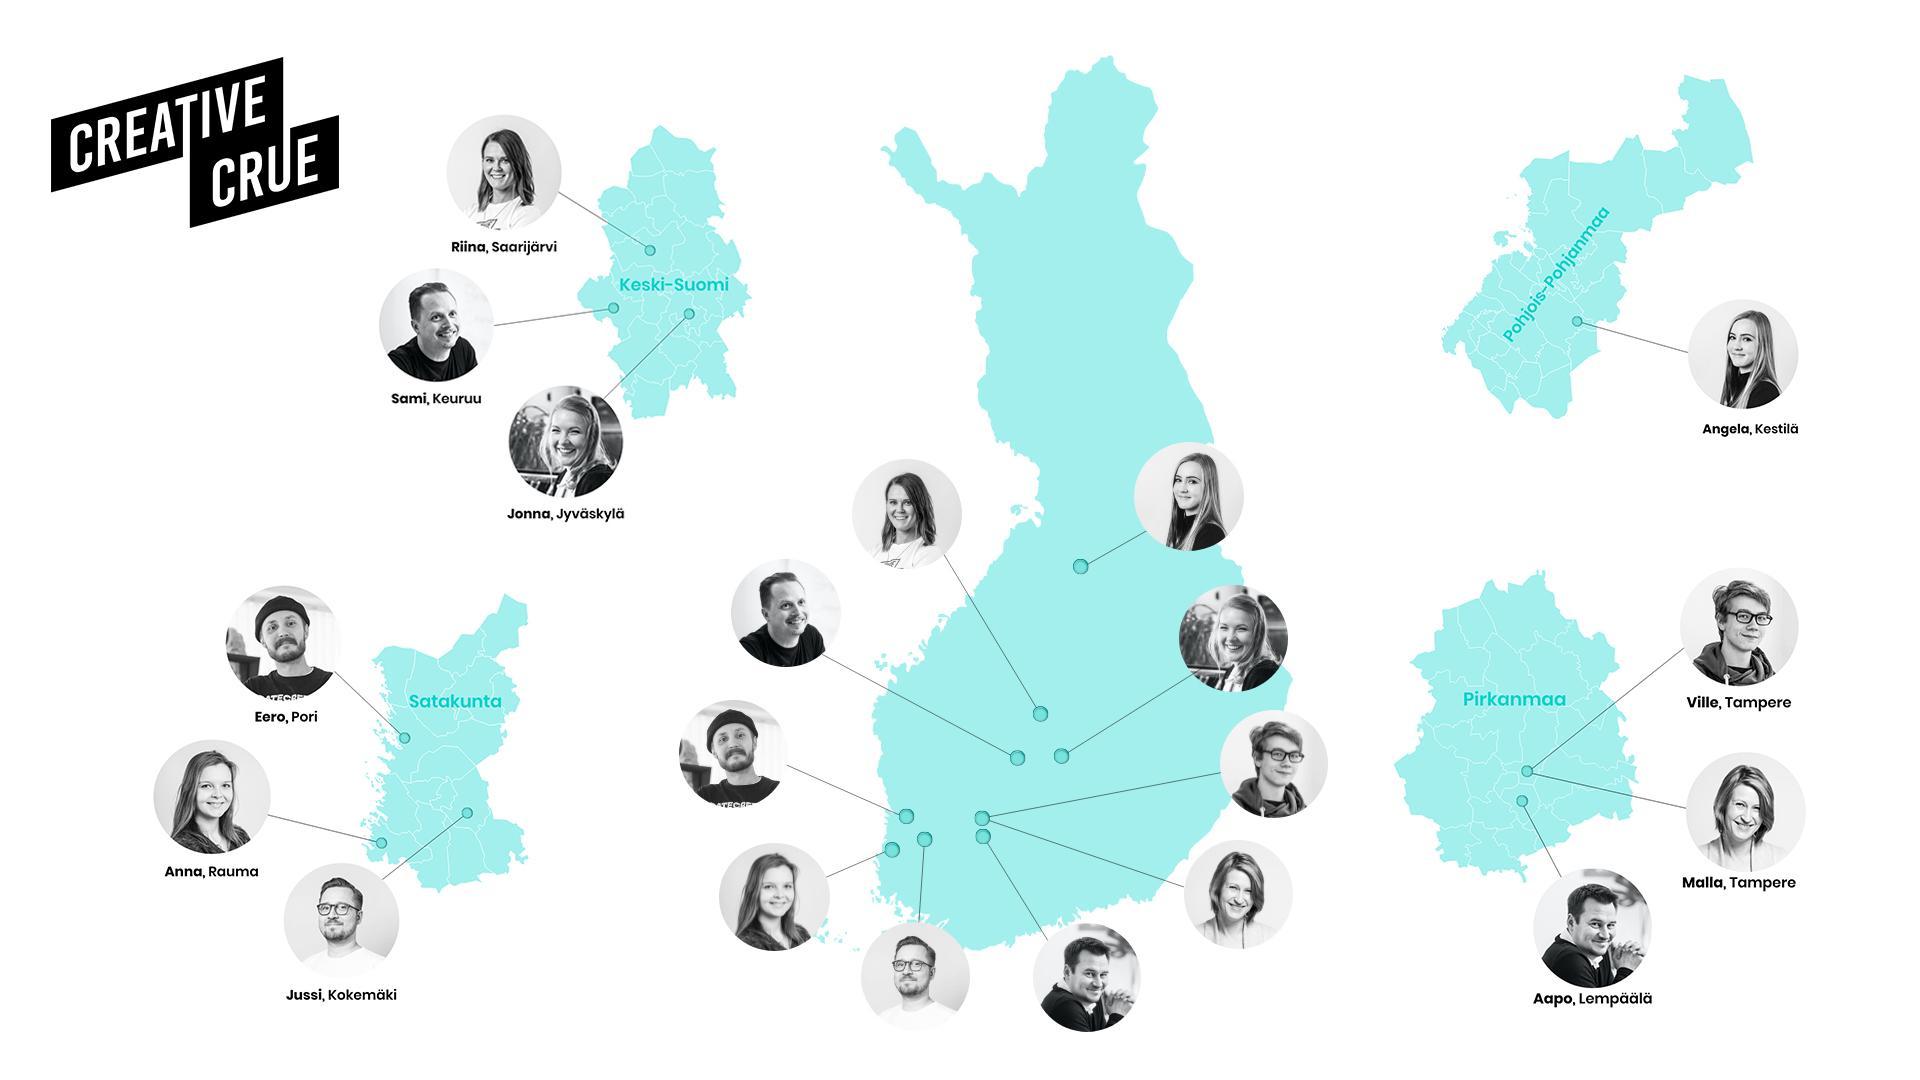 Creative Cruen kotiseutukartta. Katso kuka on mistäkin kotoisin ja miten seutumustuntemus voi olla eduksi markkinoinnissa.